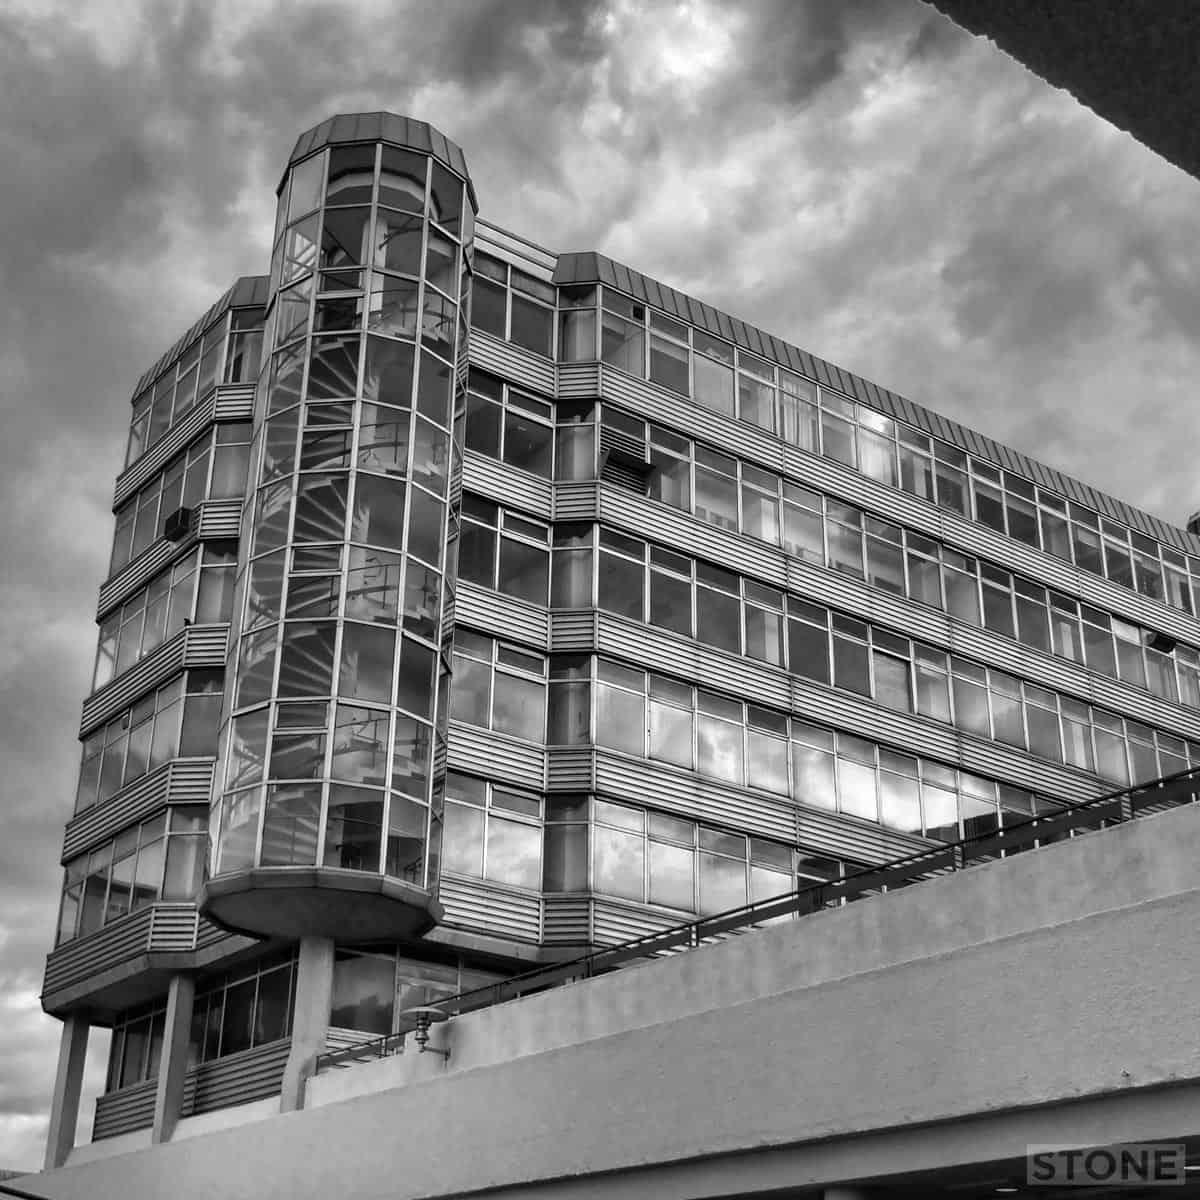 HMSO 6 © Nick Stone 2012